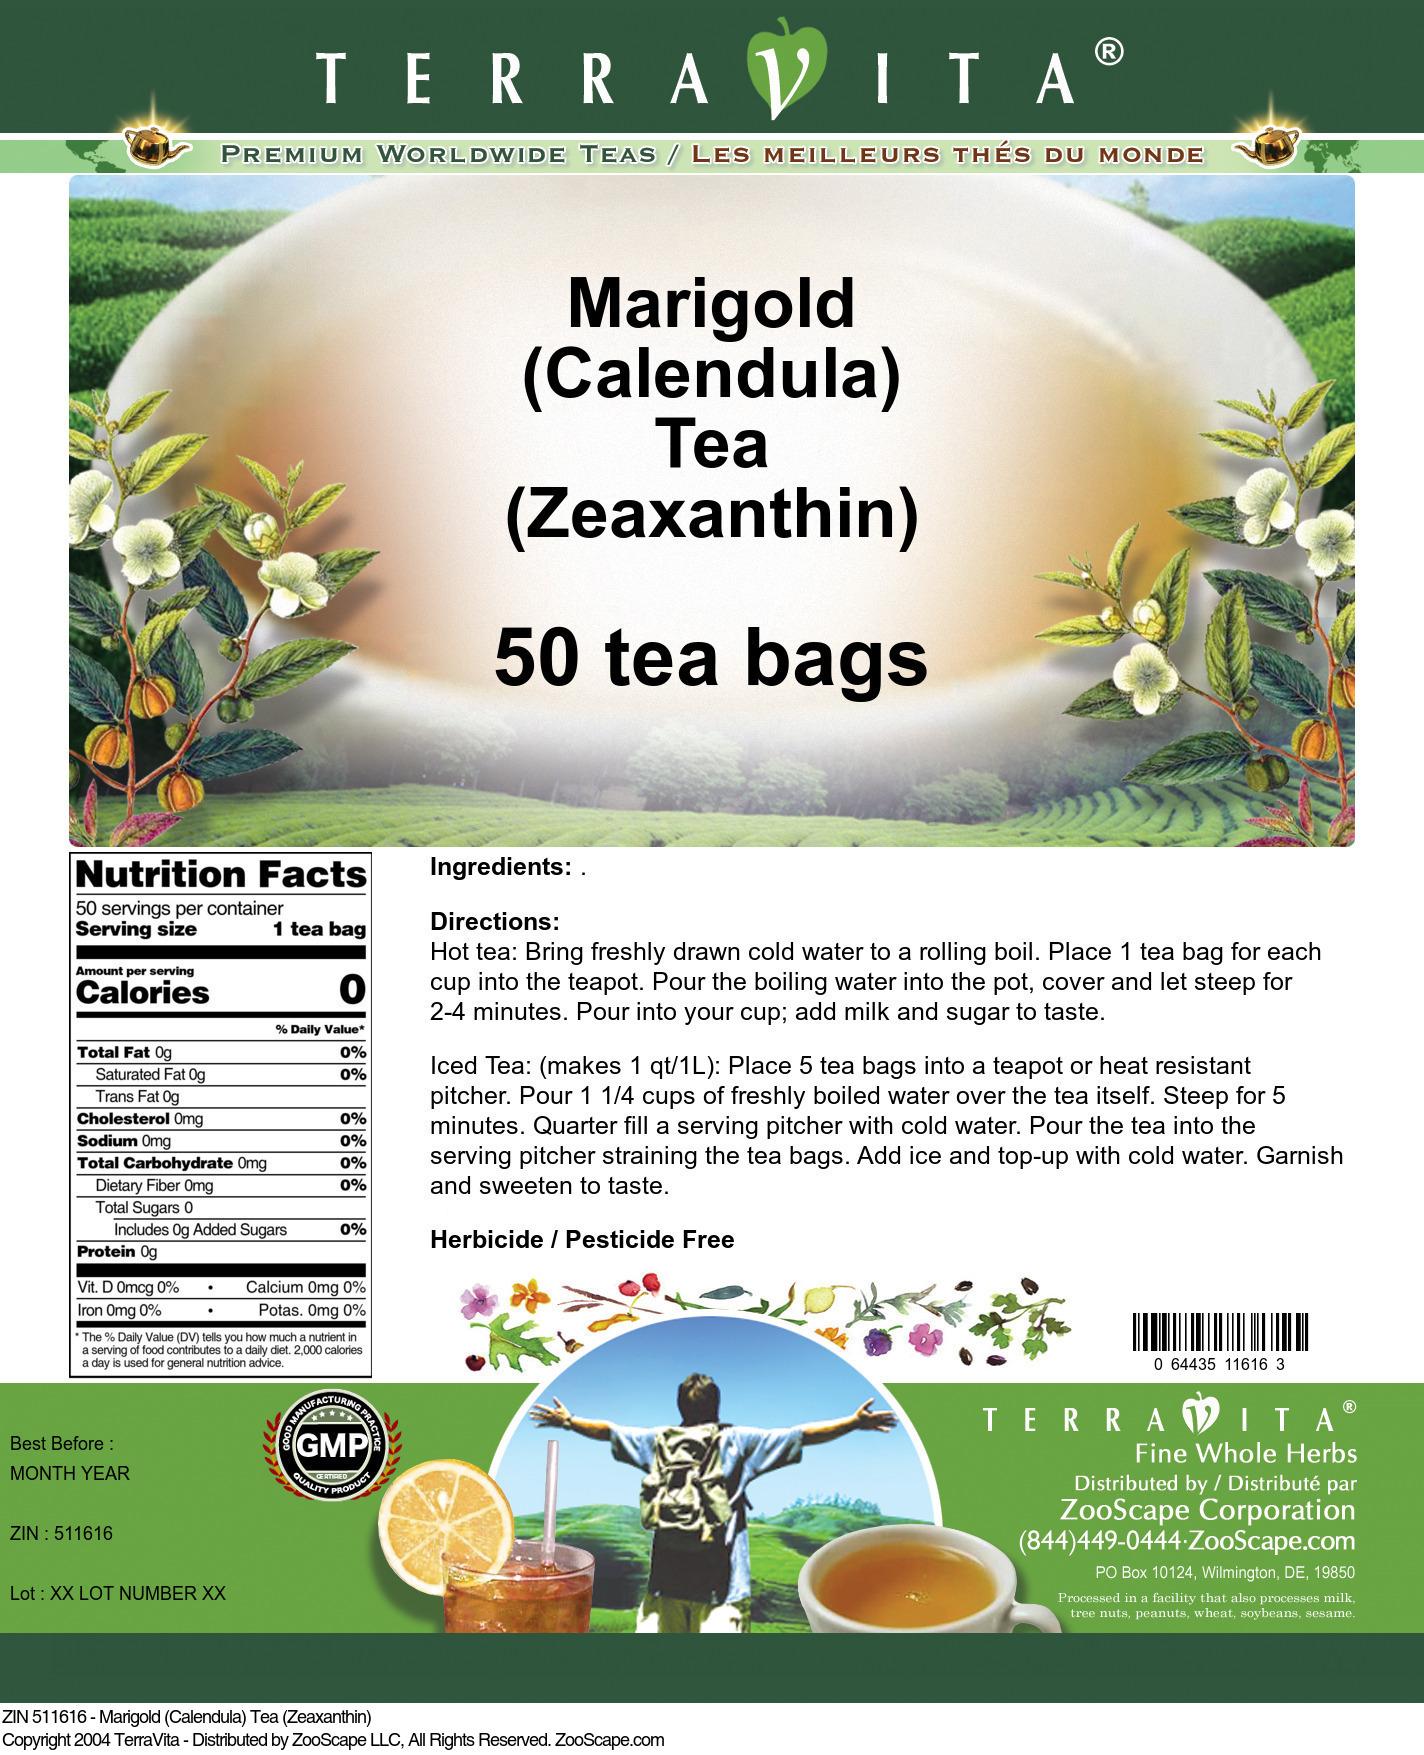 Marigold (Calendula) Tea (Zeaxanthin) - Label